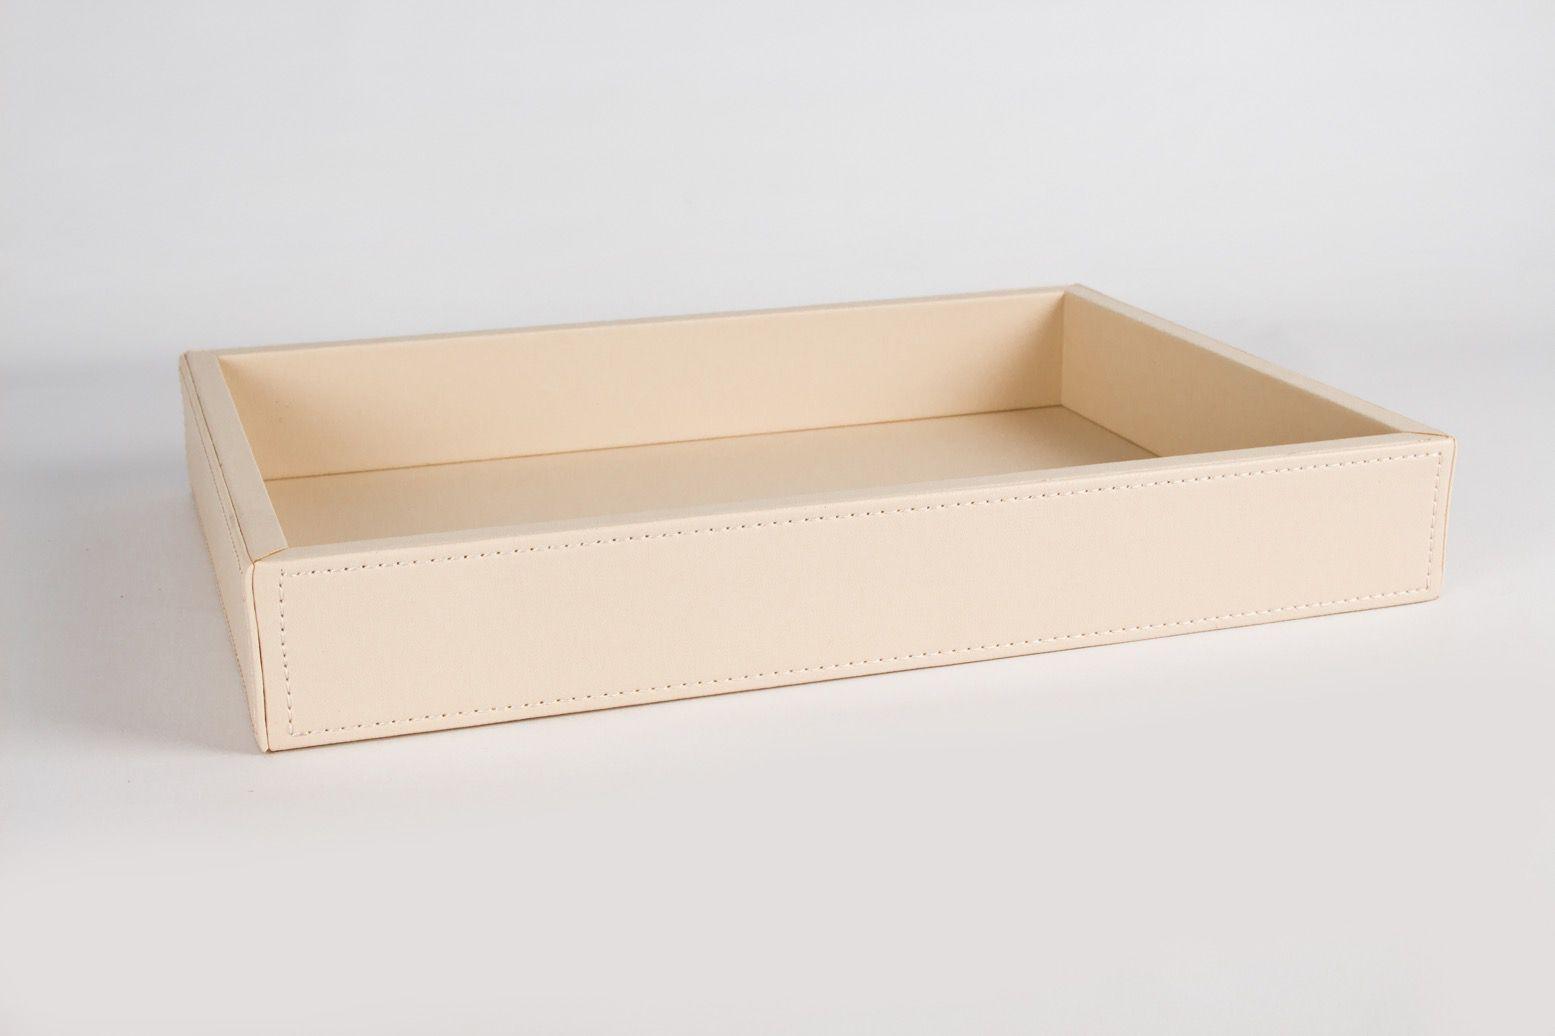 BANDEJA COURO 35x25x5,5 cm